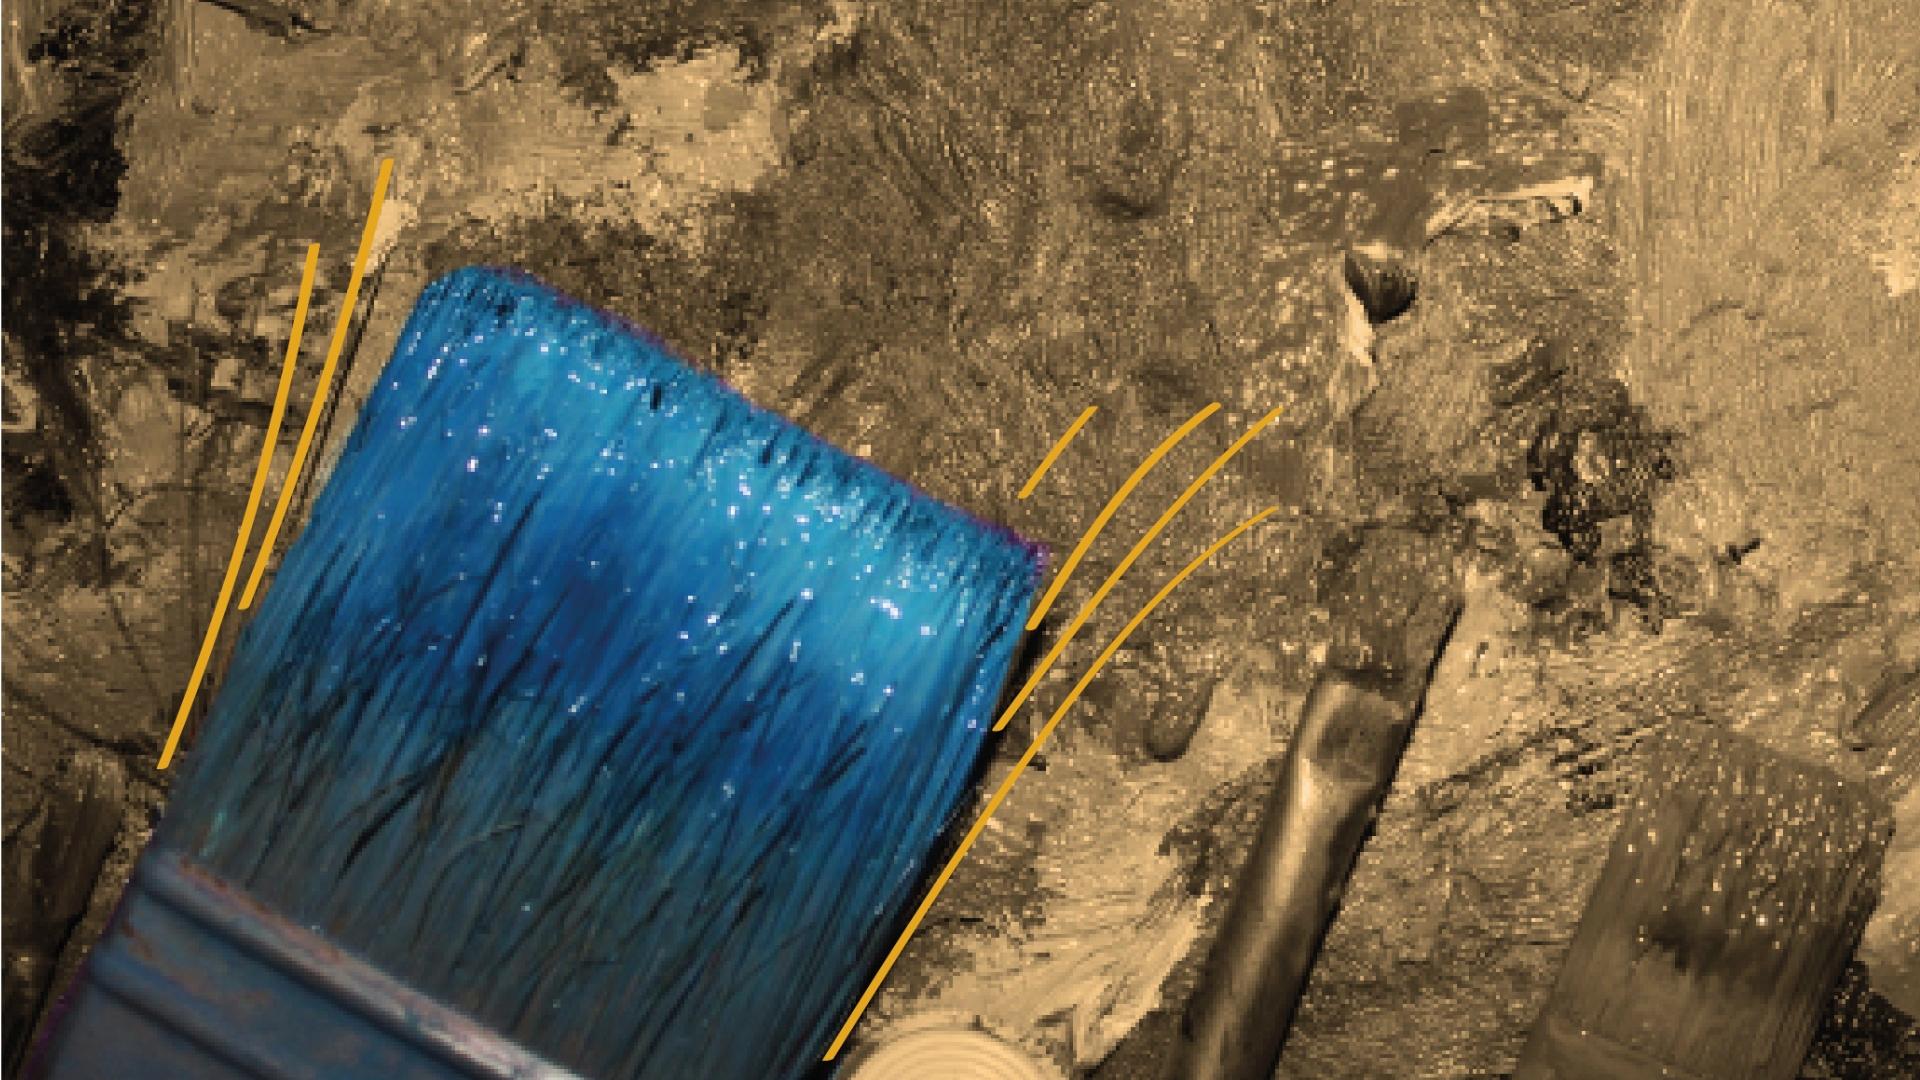 Bild eines Pinsels